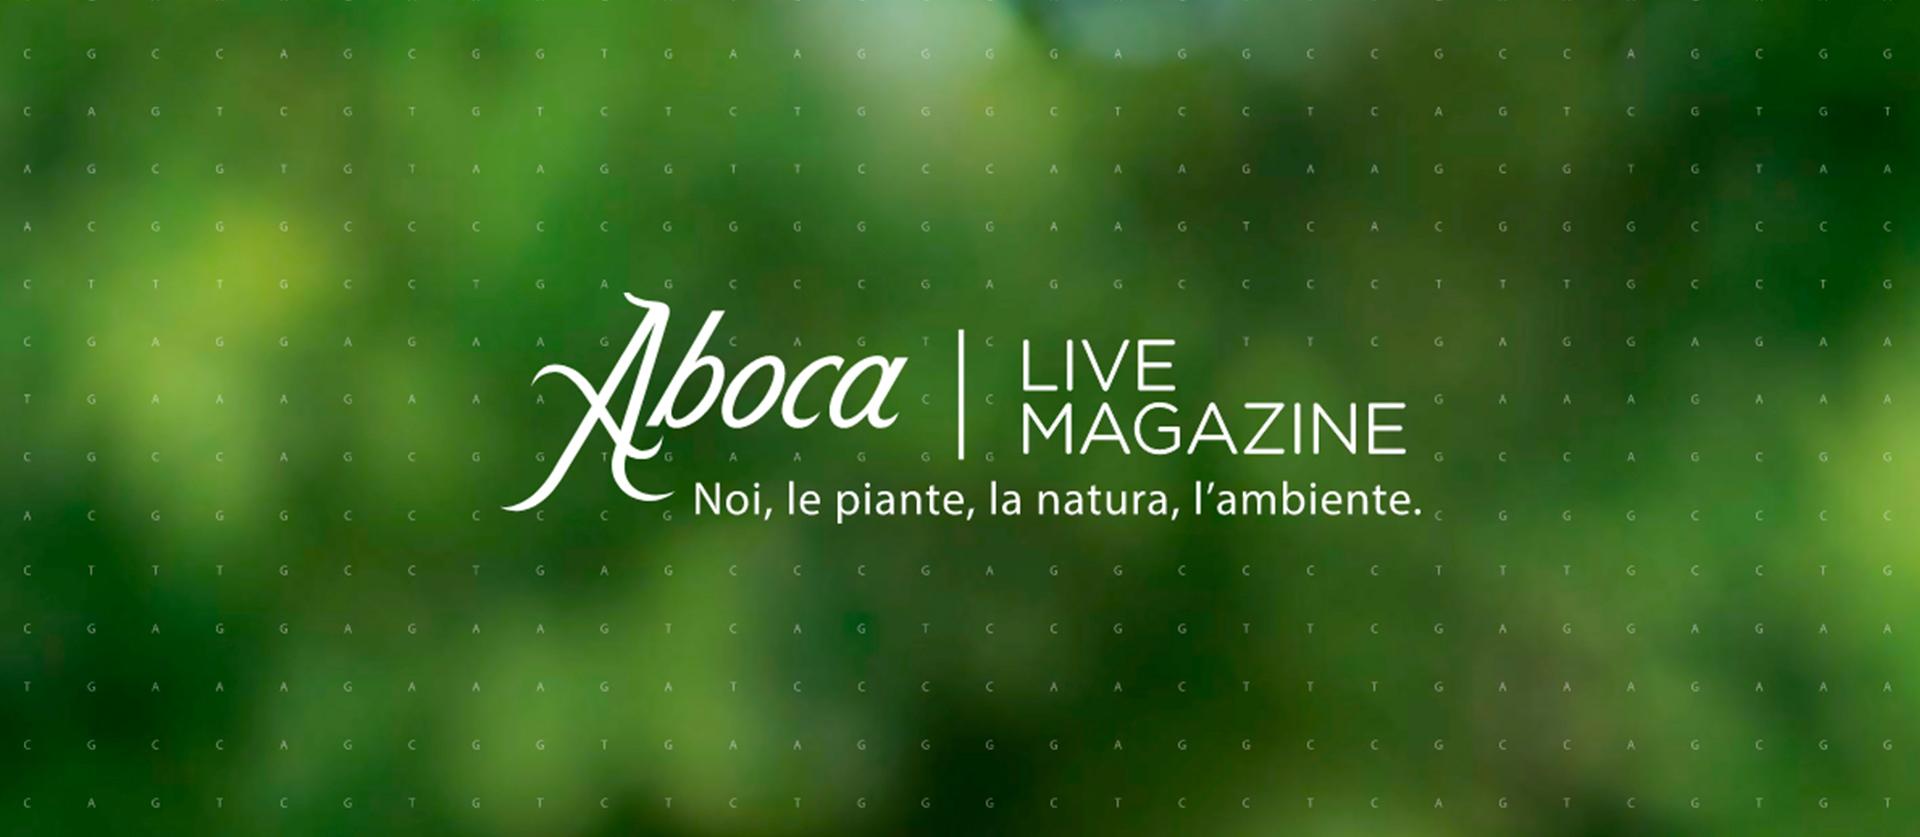 Aboca - Live Magazine